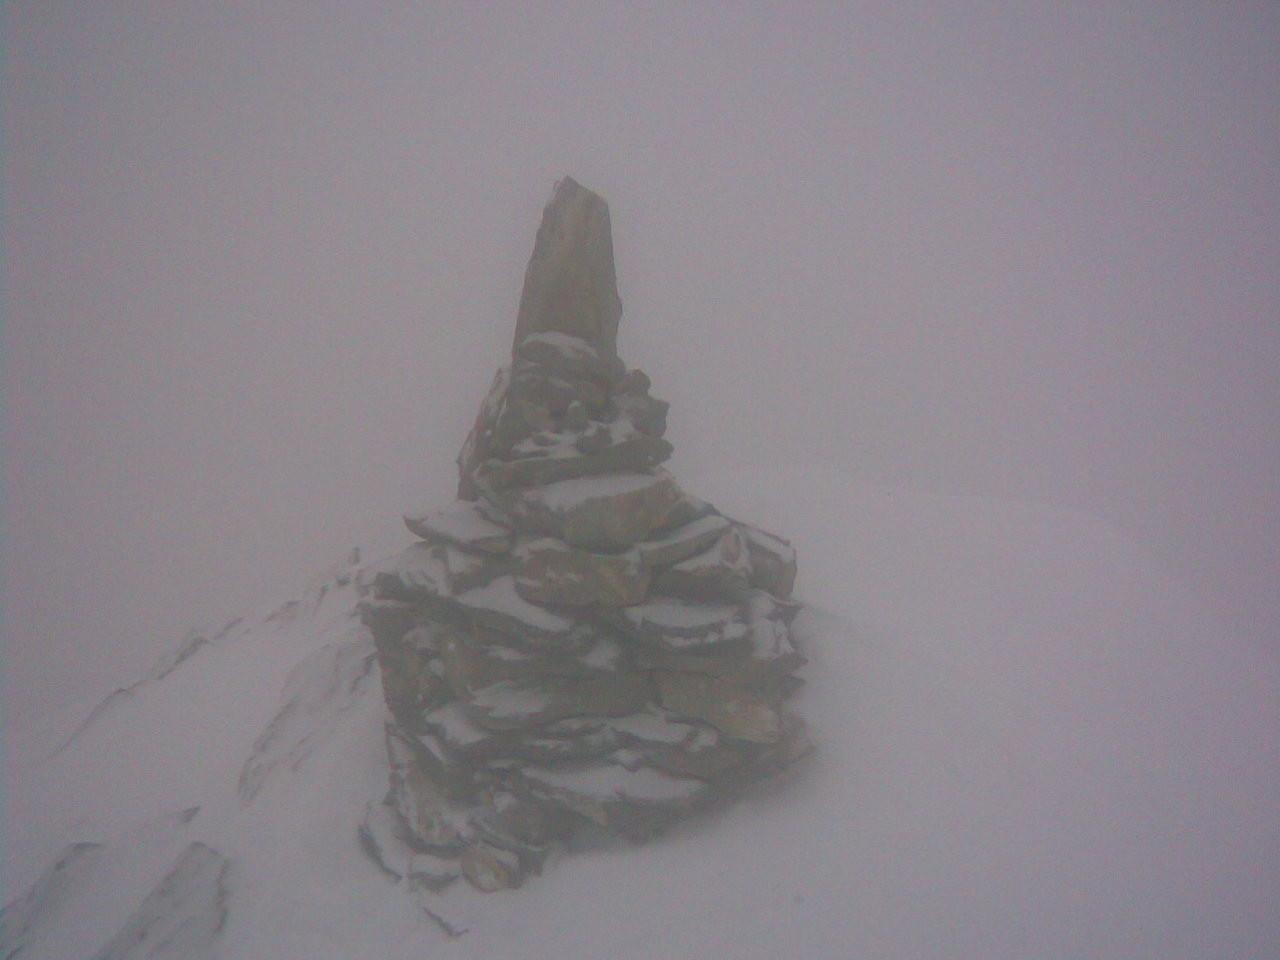 Cairn du sommet comme quoi j'y étais quoique ce pourrait être un montage